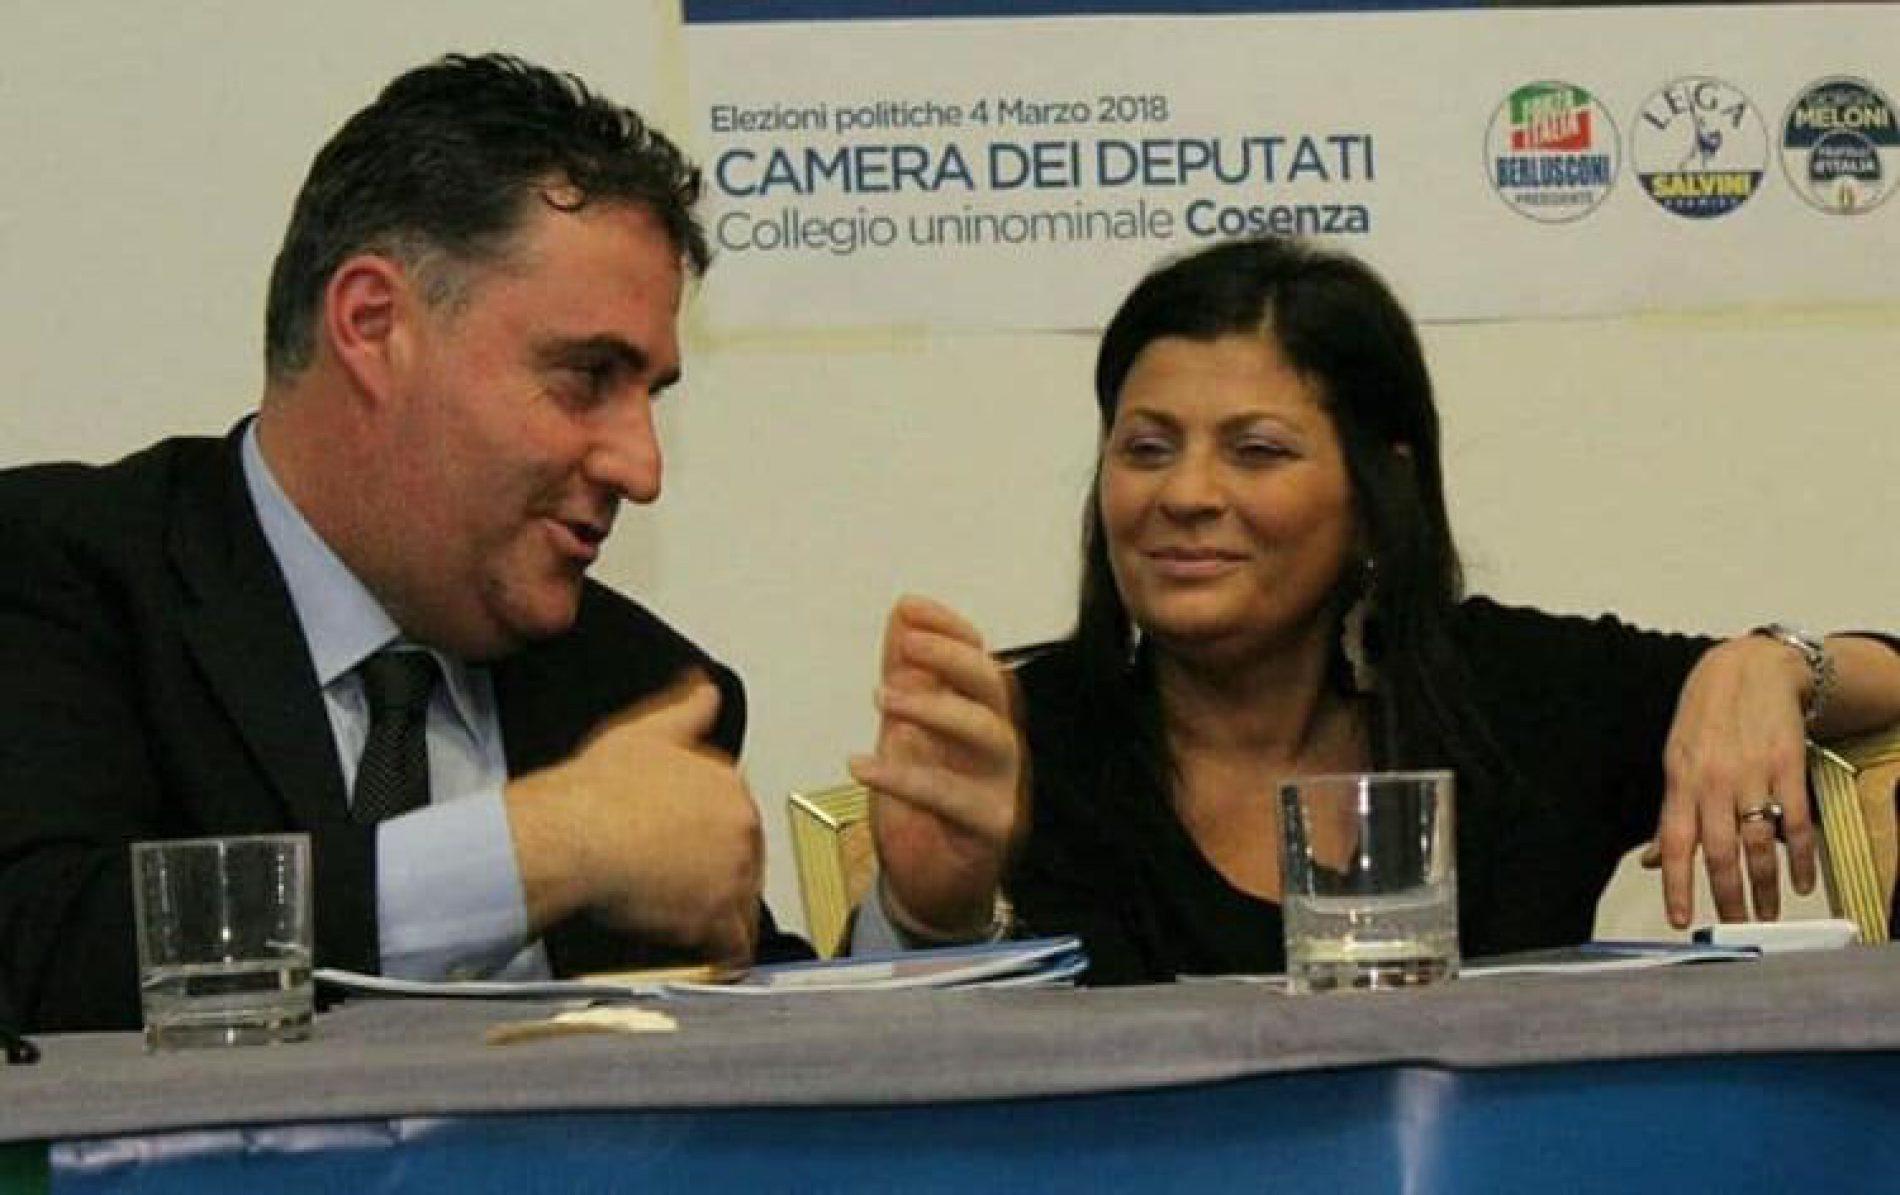 Lodevole l'operato del Presidente Santelli: La dichiarazione di Vincenzo Sofo è offensiva per tutti i calabresi.